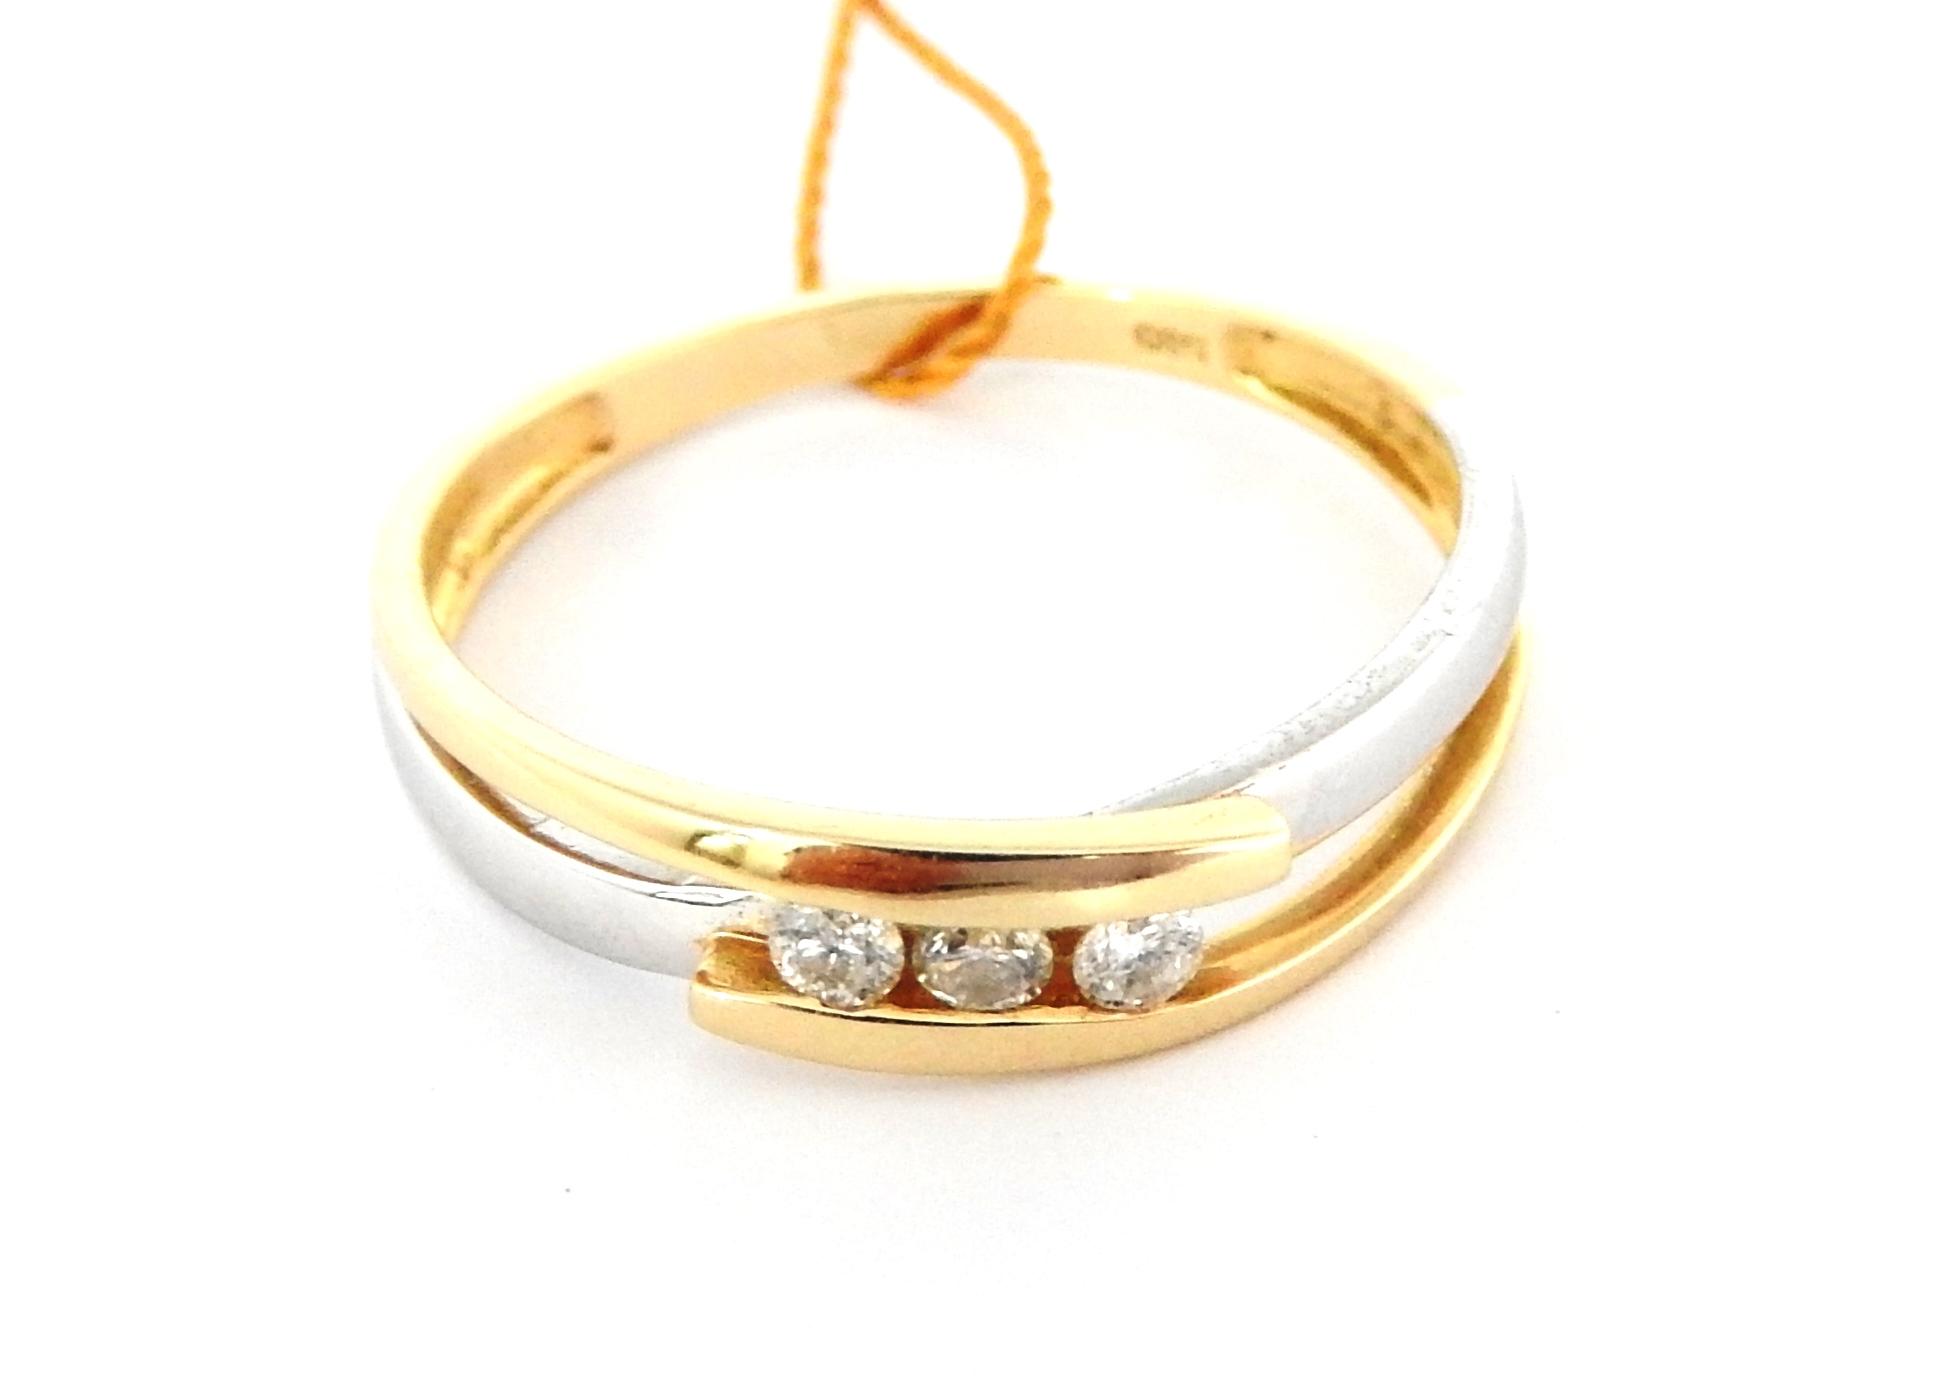 Piękny Złoty Pierścionek Brylanty Verona 585 R 14 7484540642